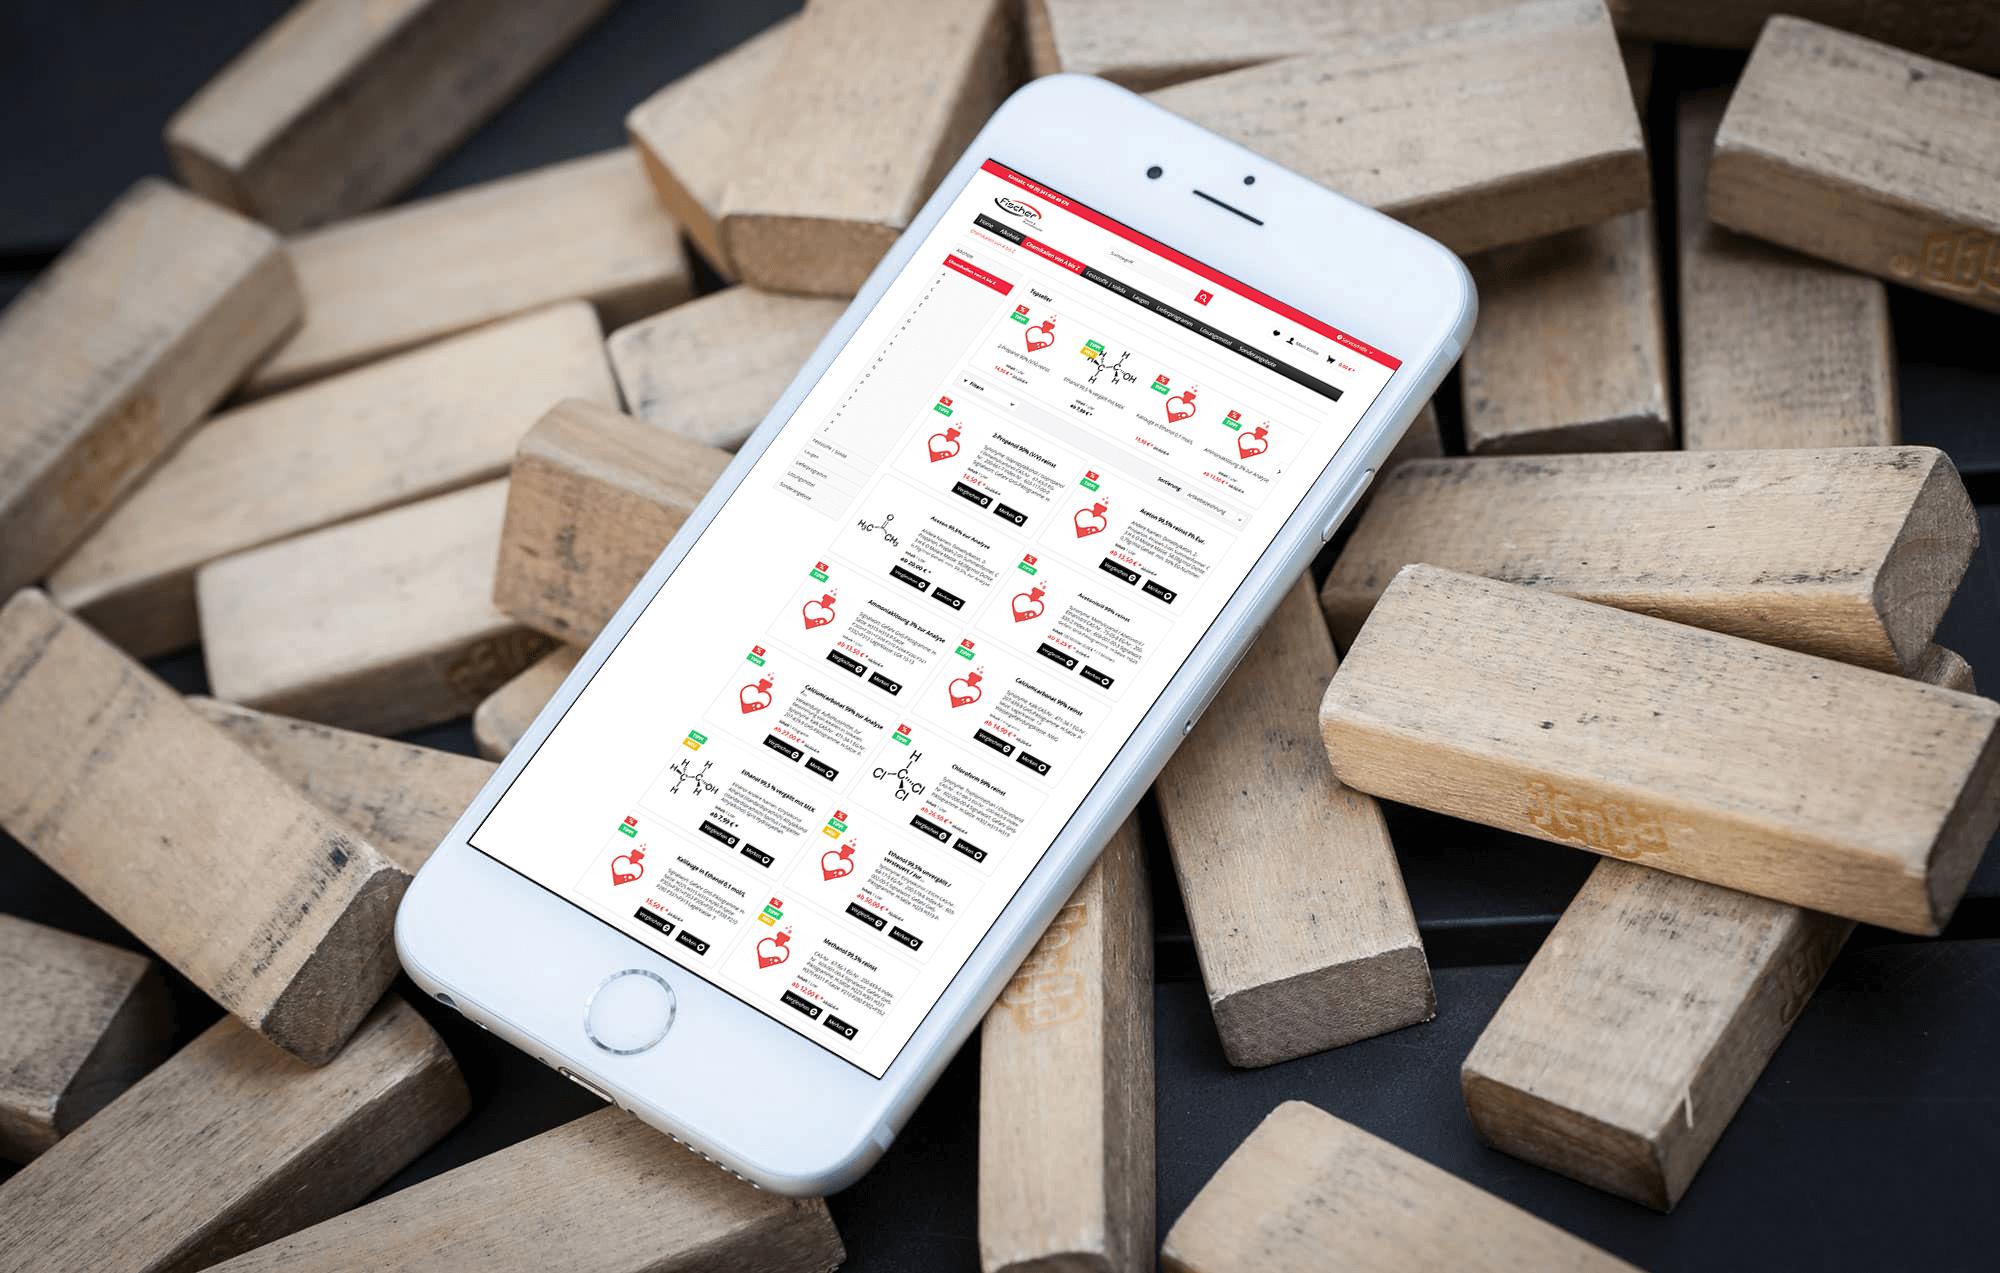 Brandcrock-Fischer-BrandCrock-portfolio-Topseller products-iphone